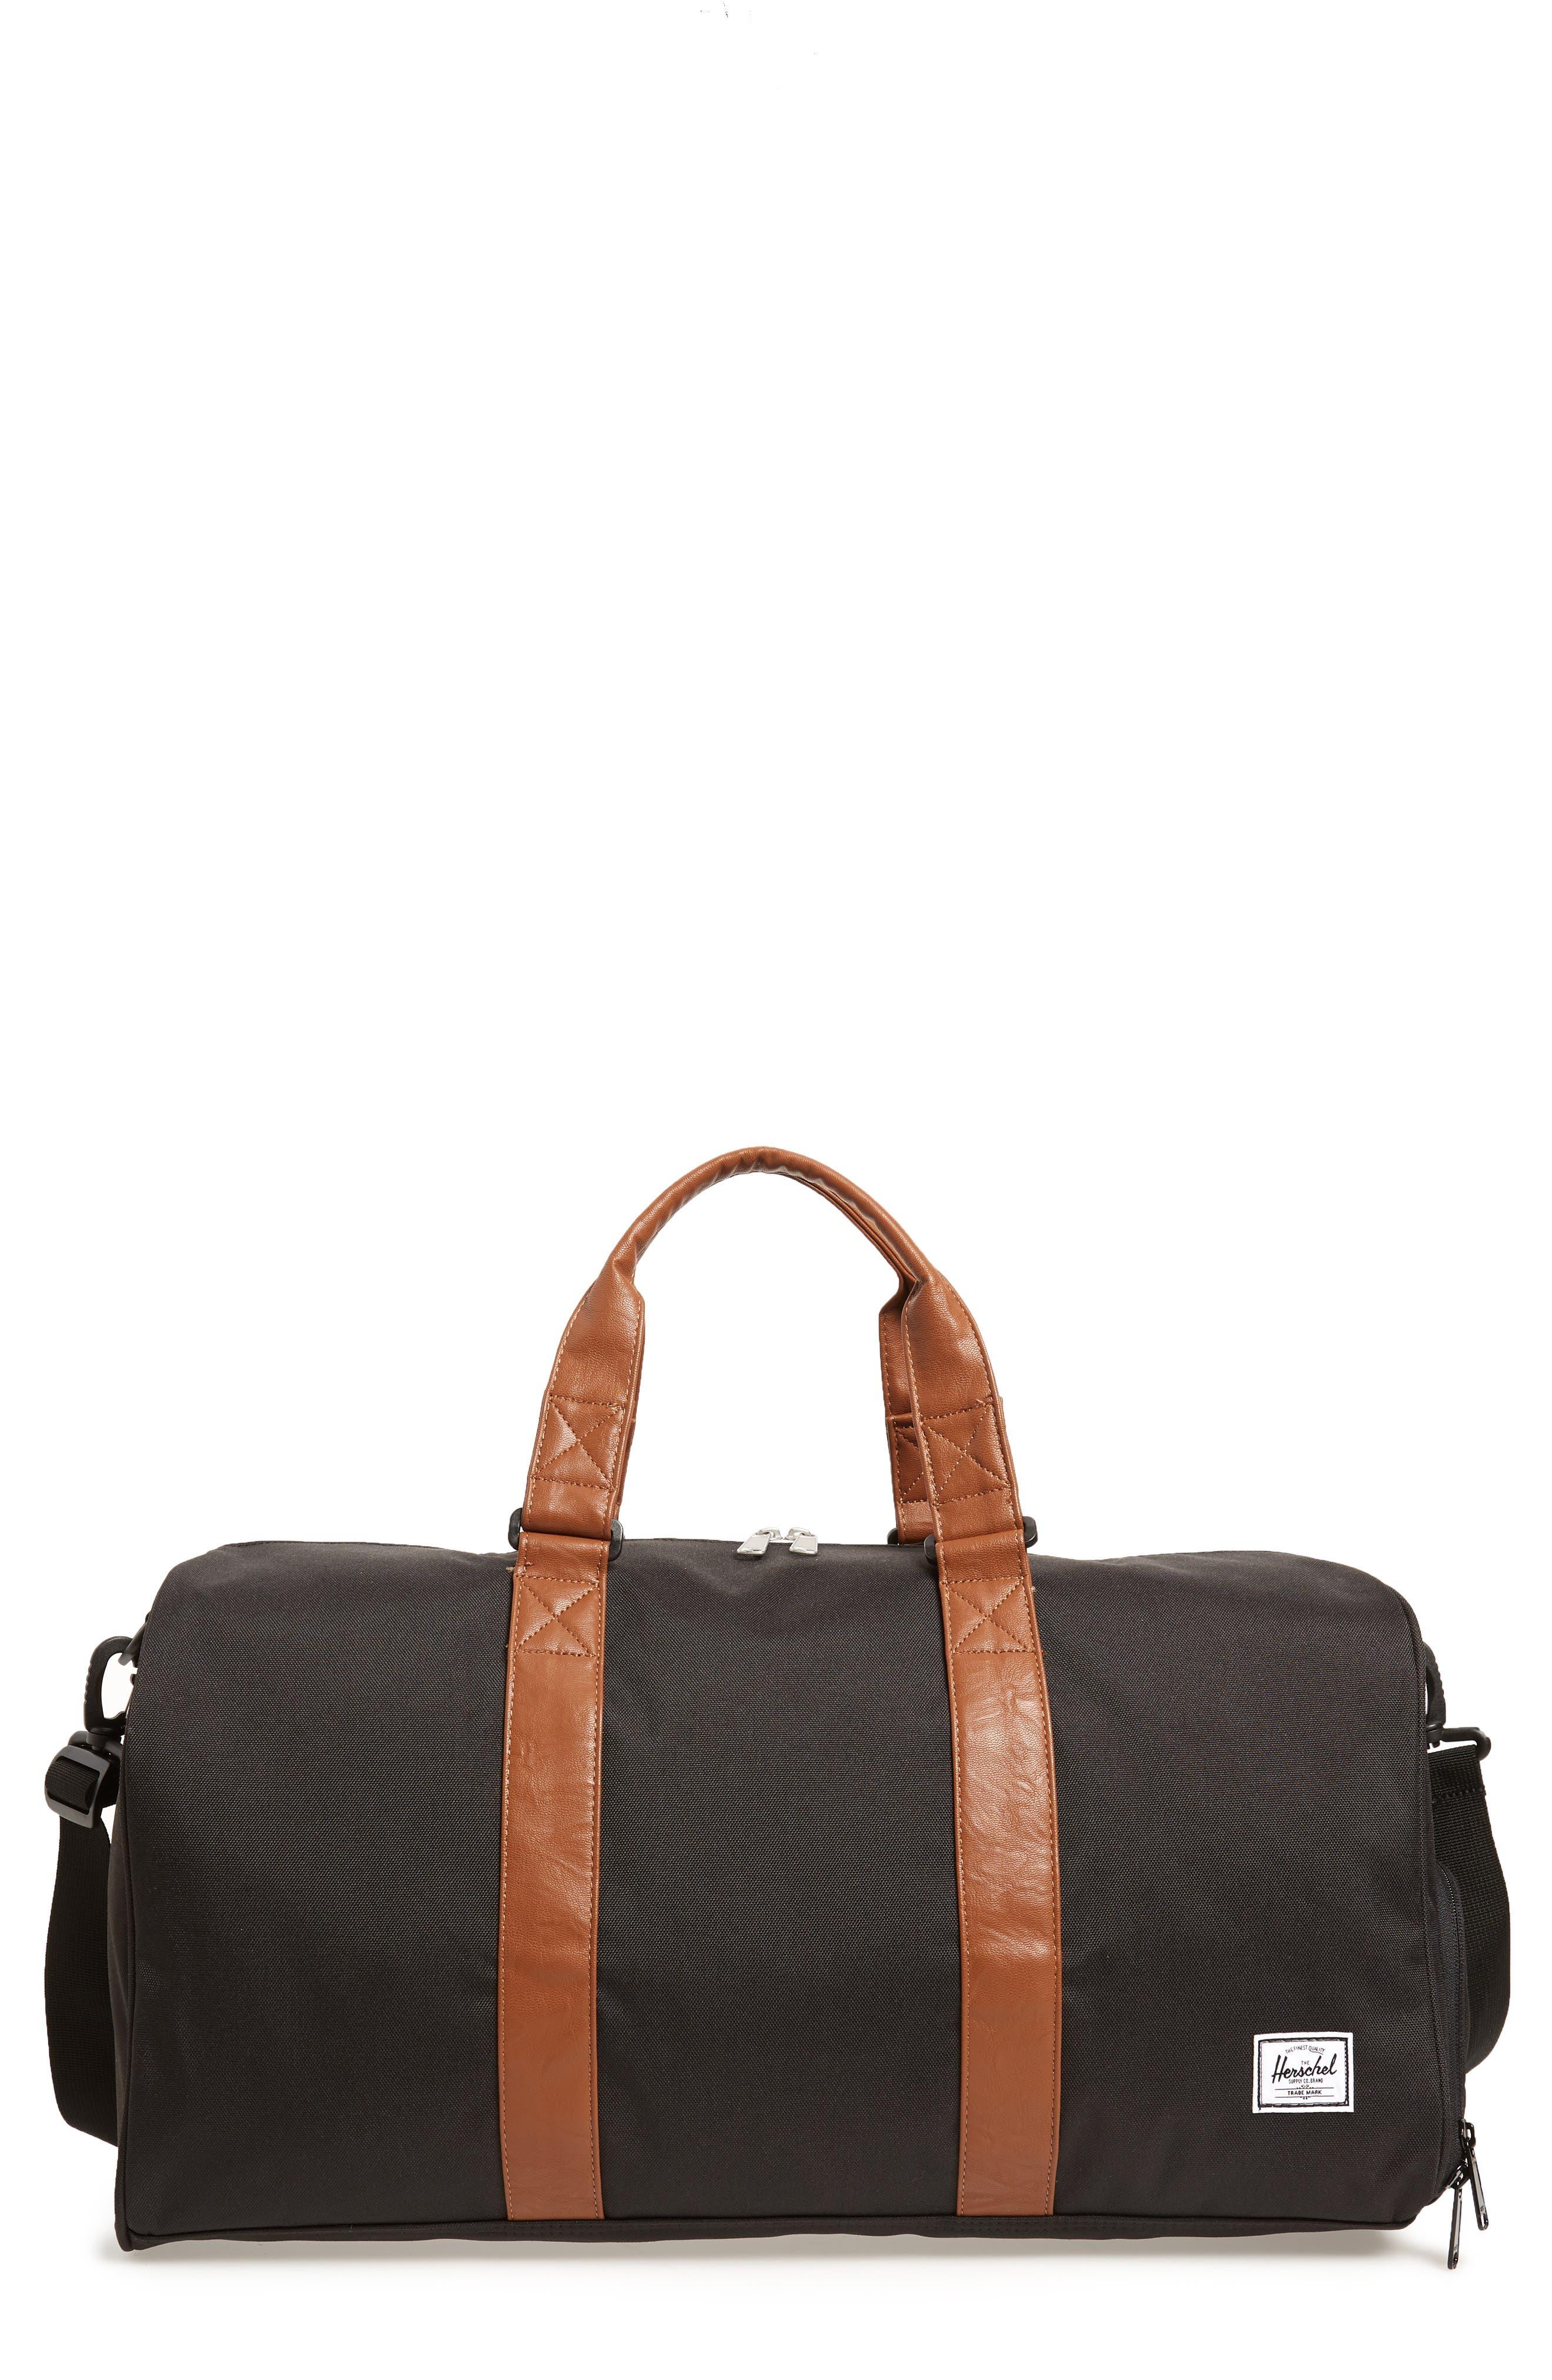 Novel Canvas Duffel Bag,                         Main,                         color, BLACK/ TAN